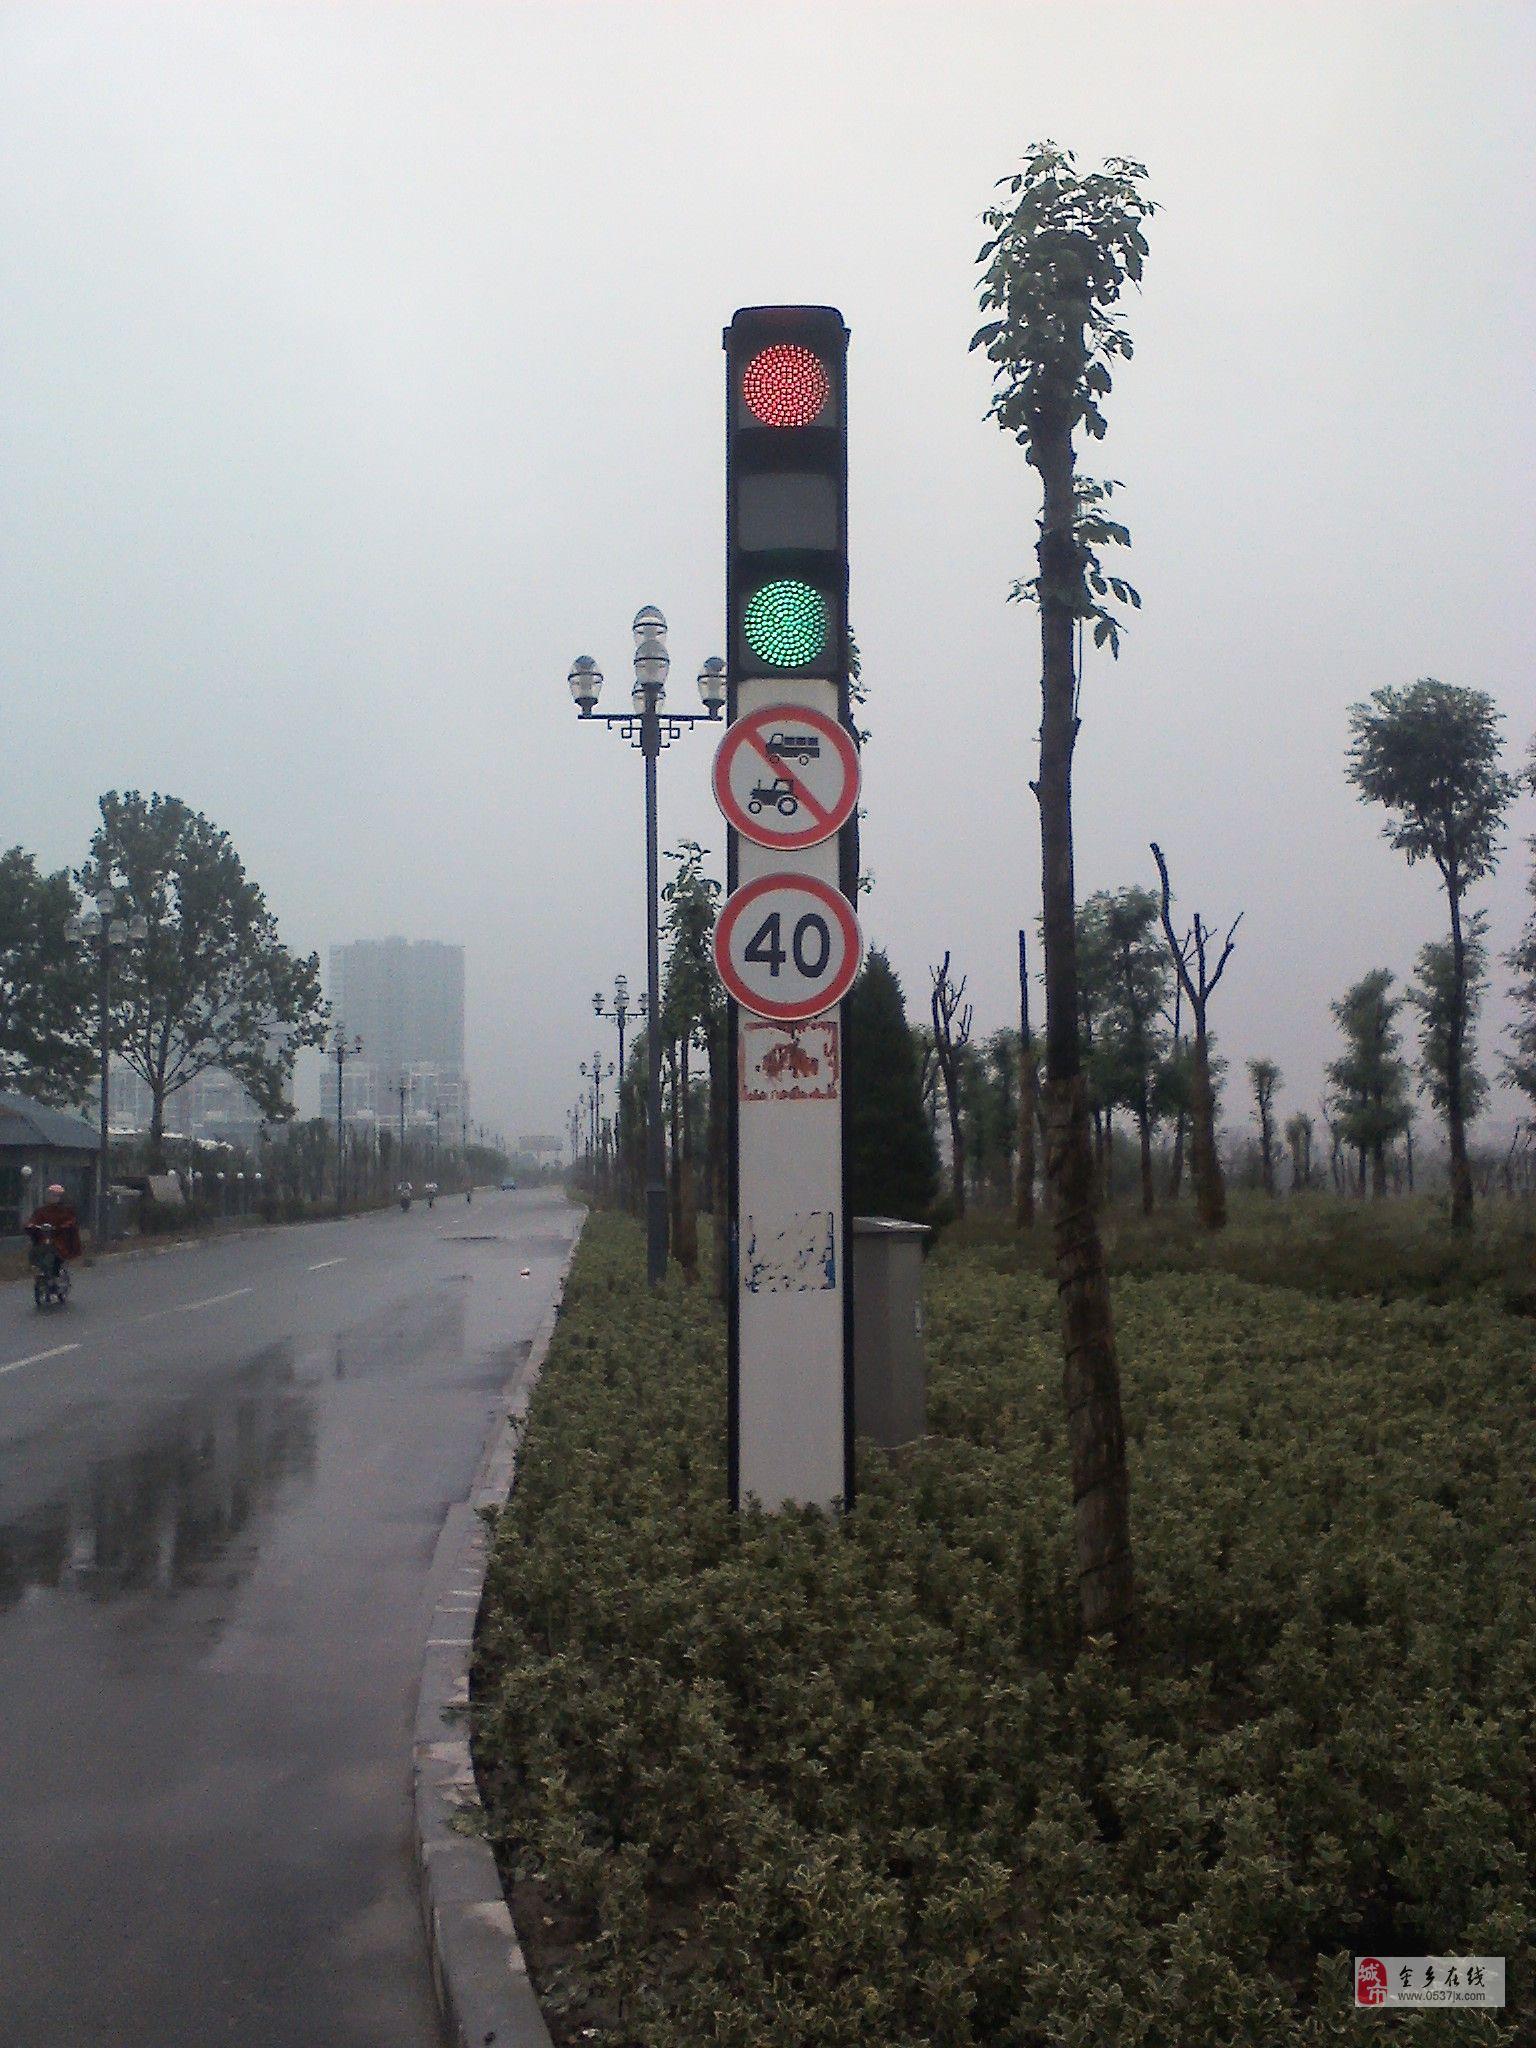 [原创]令人困扰的金乡交通指示灯为什么不显示我上传的图片啊?